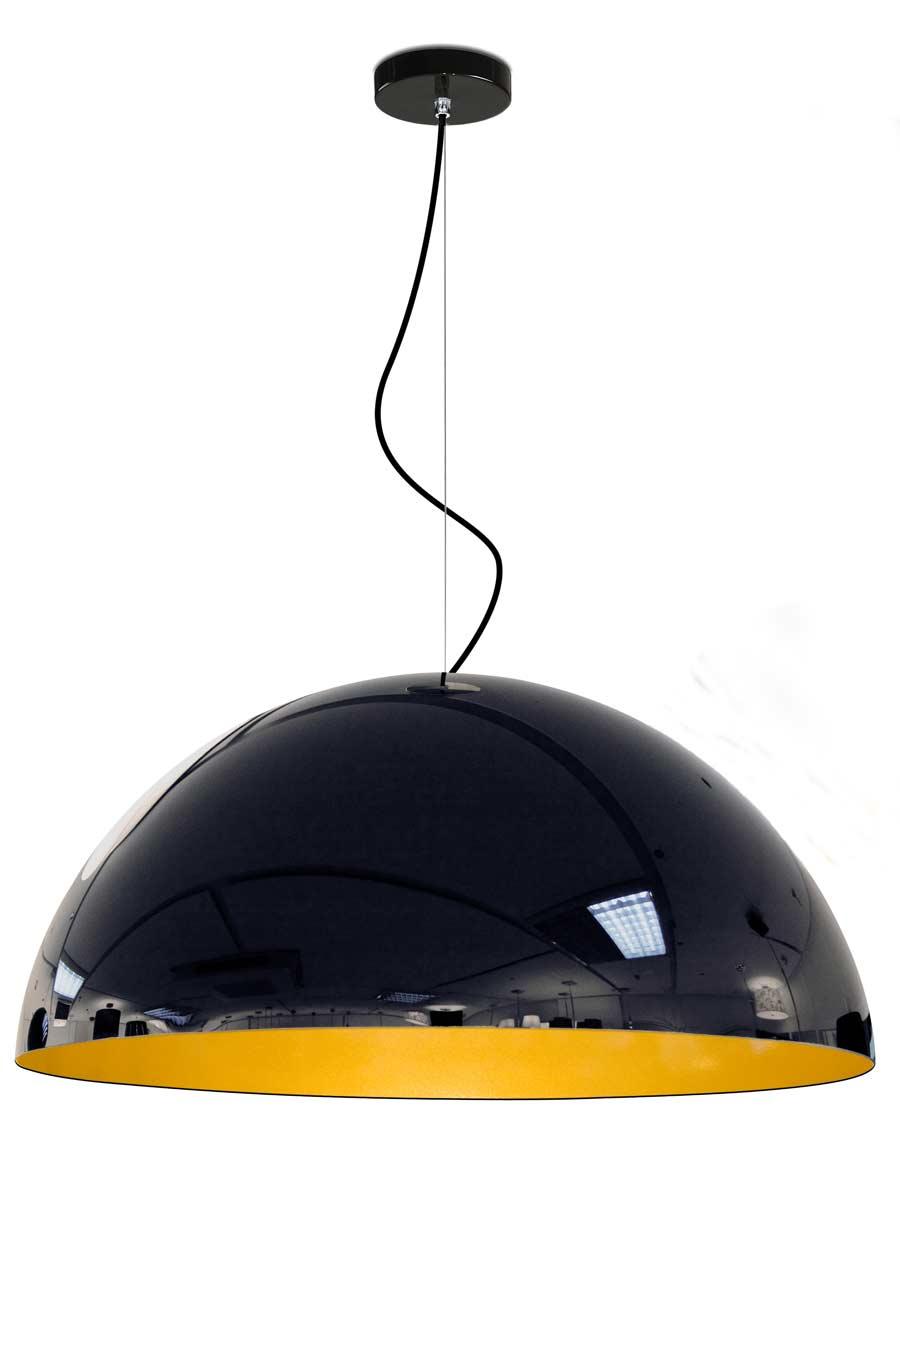 Glow suspension GM intérieur or. Paulo Coelho.